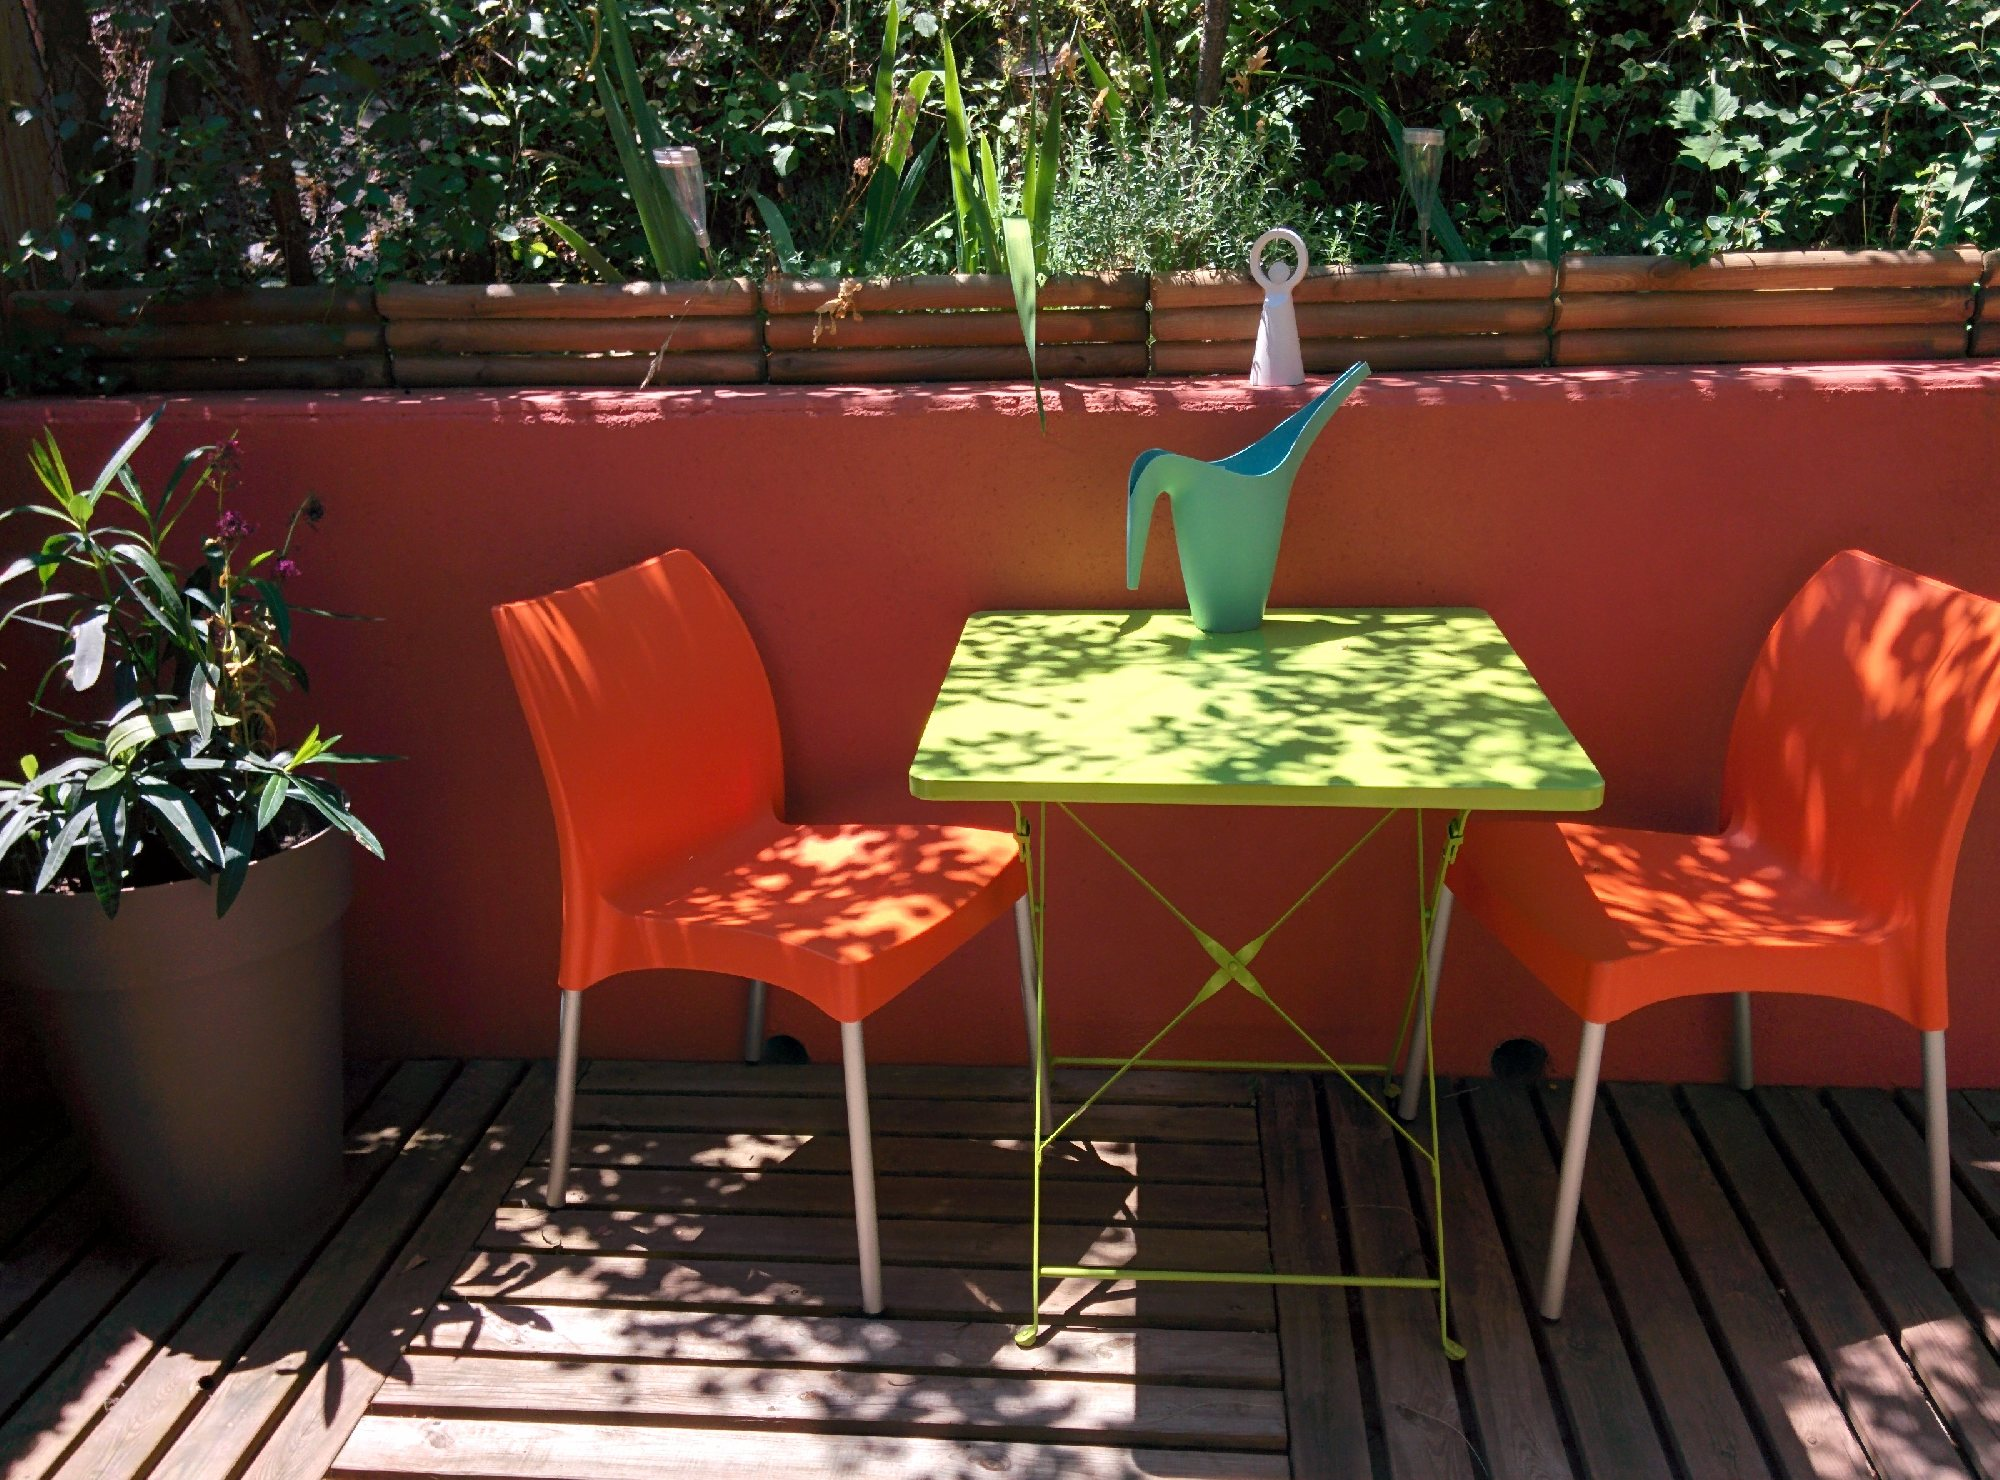 gite cardabelle tourisme aveyron. Black Bedroom Furniture Sets. Home Design Ideas